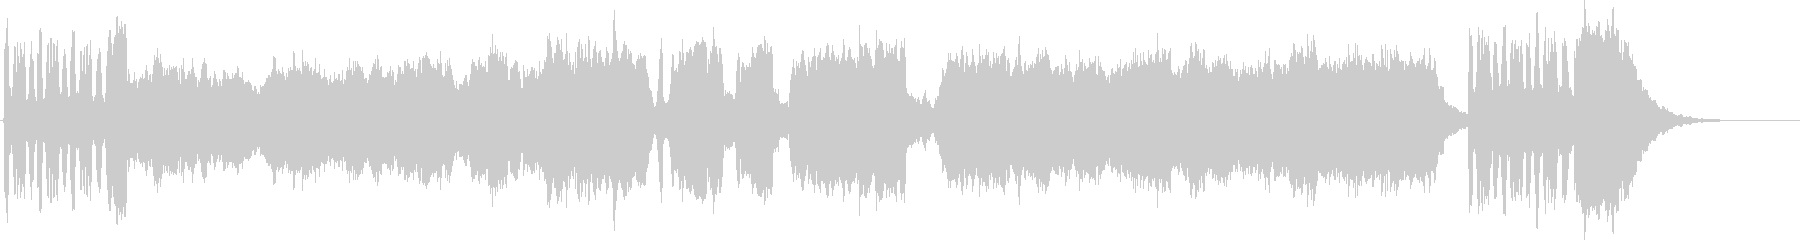 壮大なフルオーケストラのファンファーレの未再生の波形